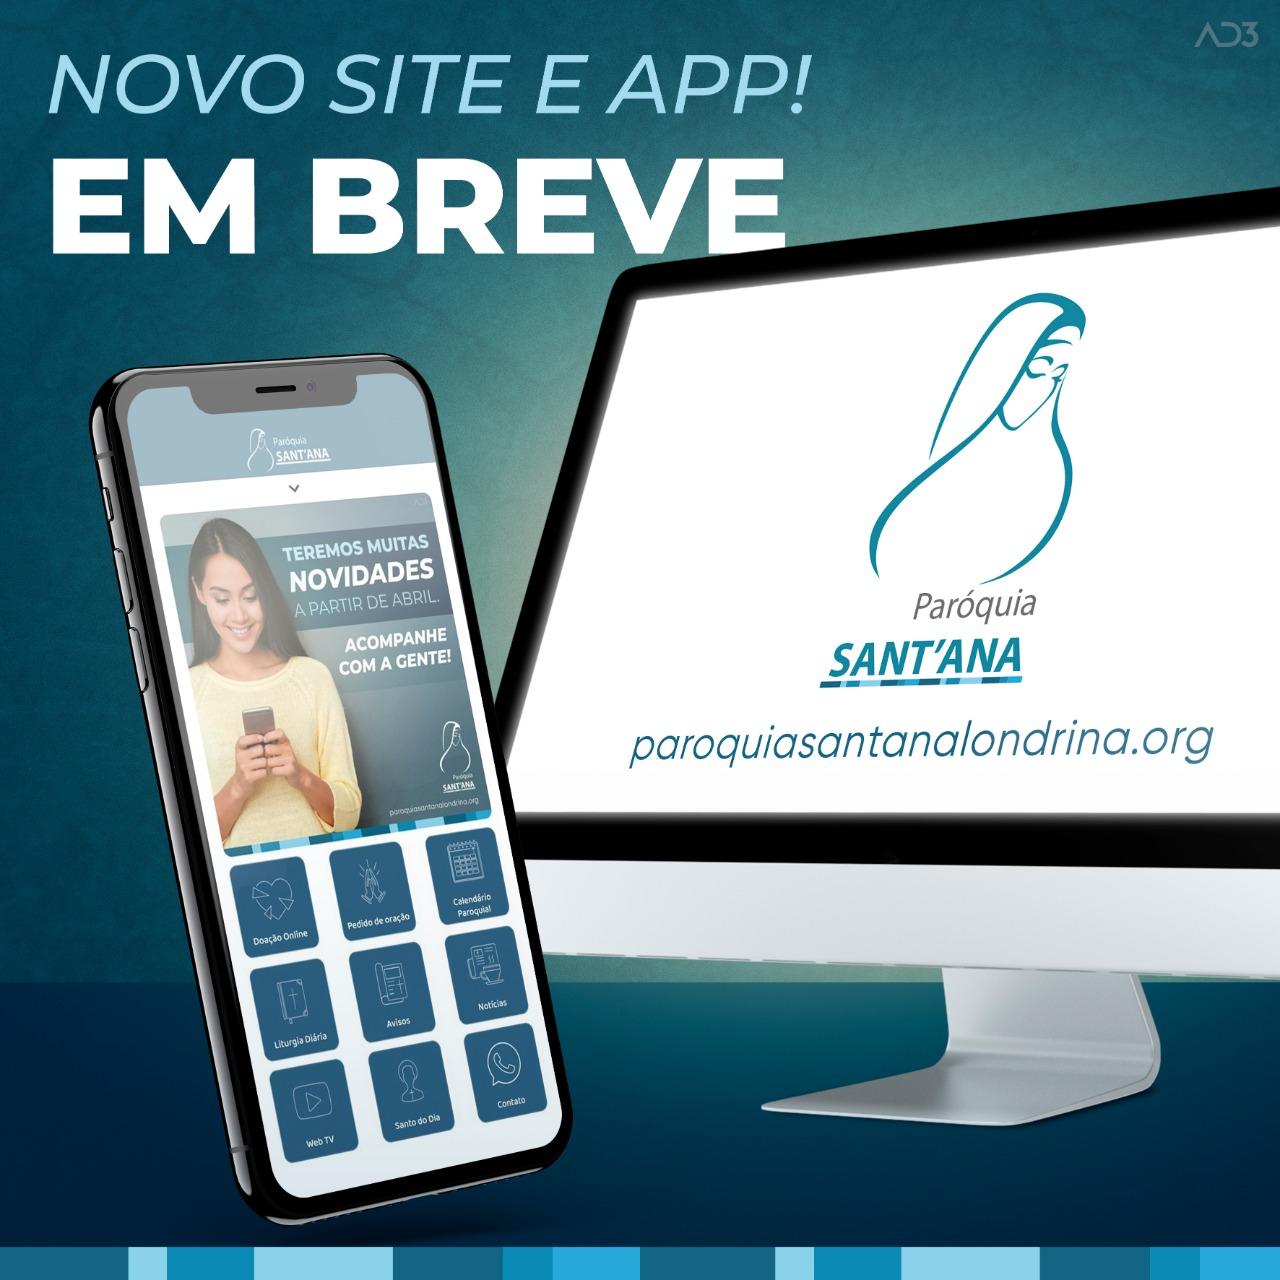 Os novos site e aplicativo